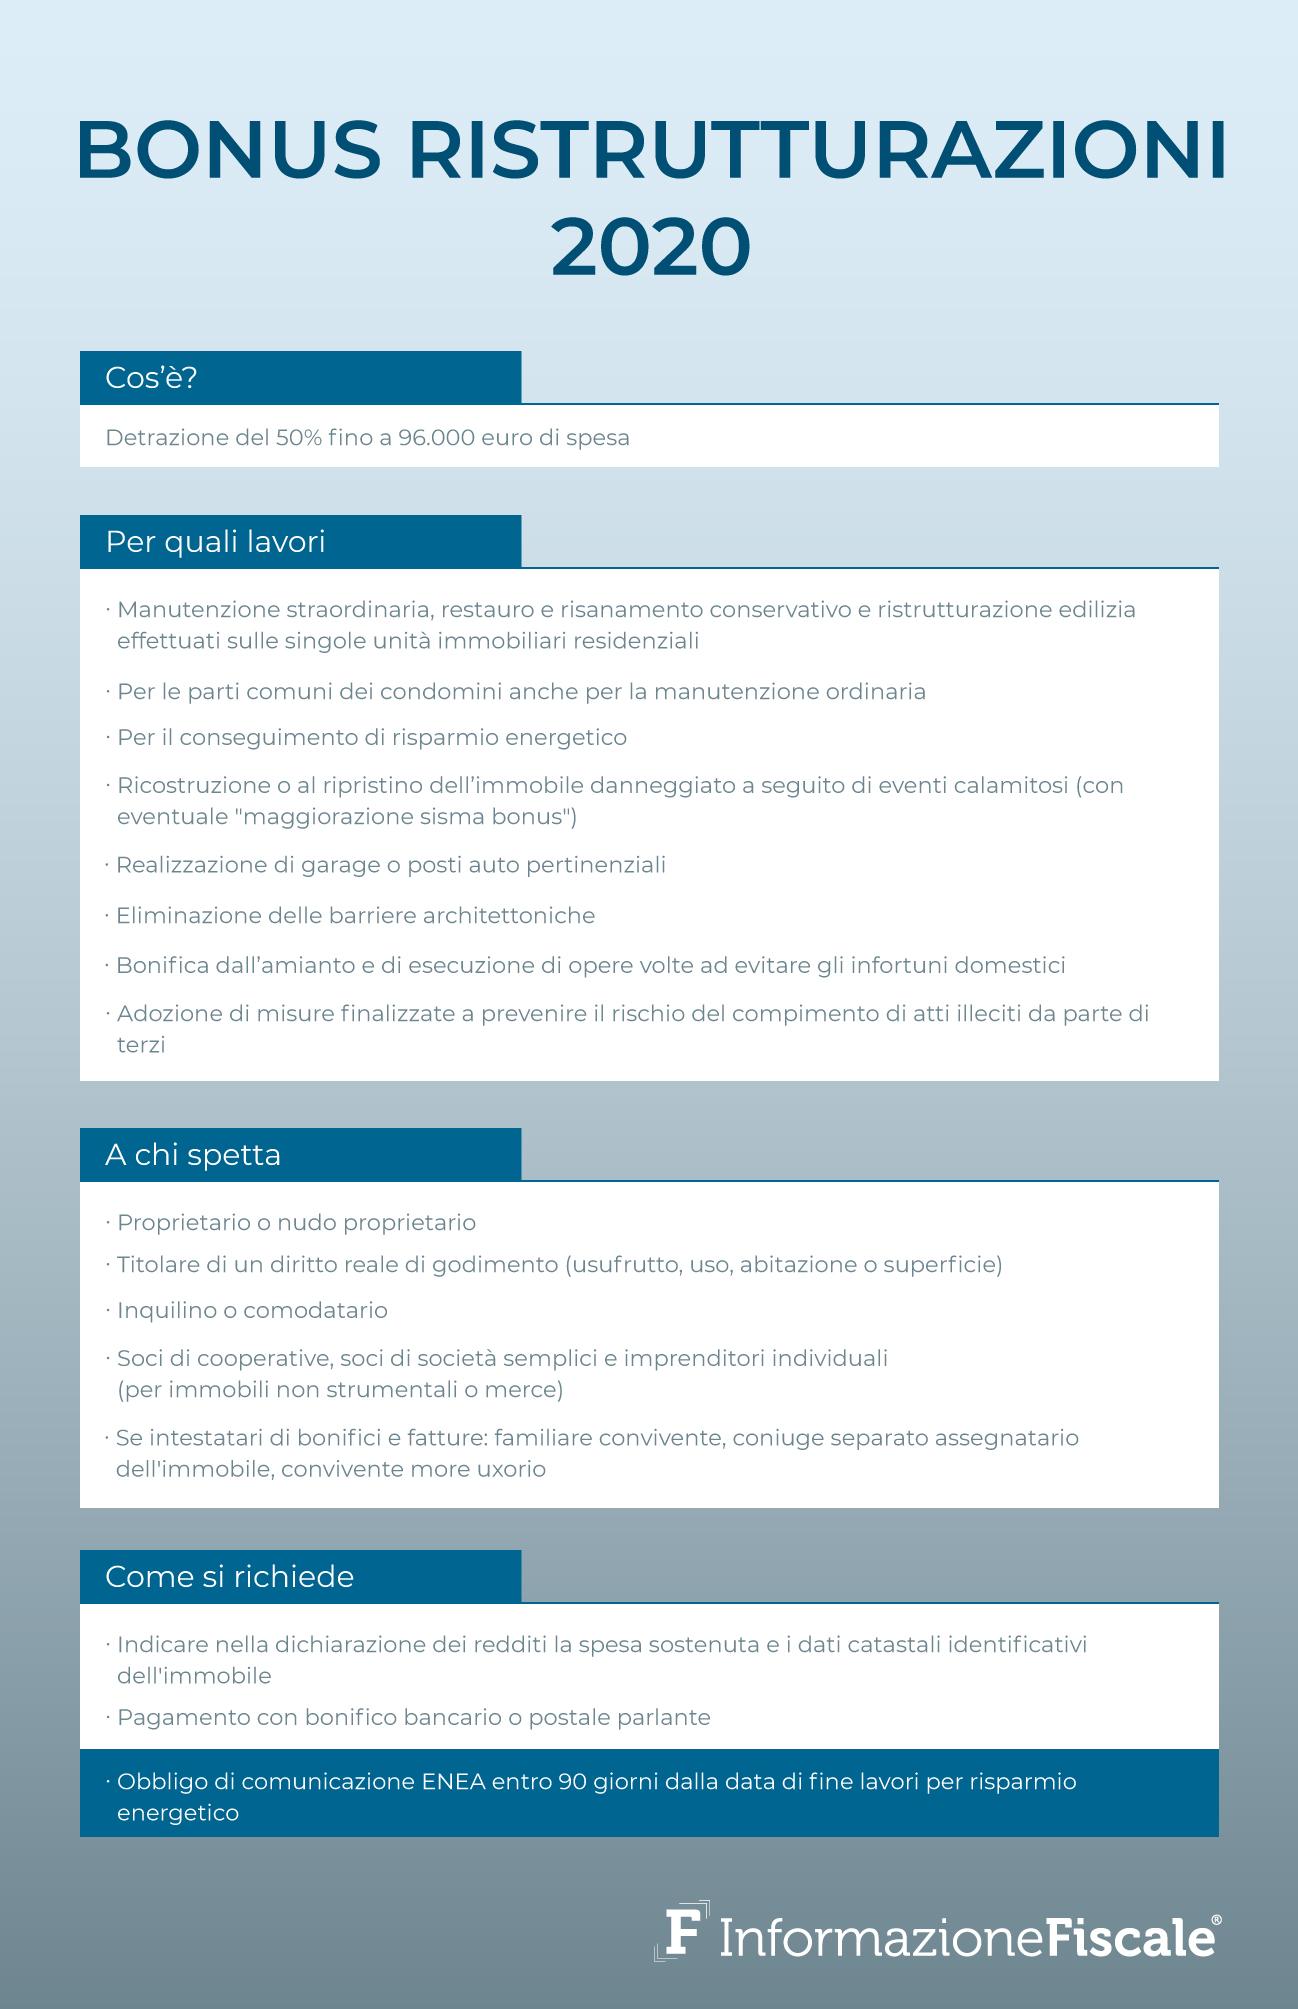 Comunicazione Asl Detrazione 50 Modulo bonus ristrutturazioni 2020: lavori ammessi, limiti e come